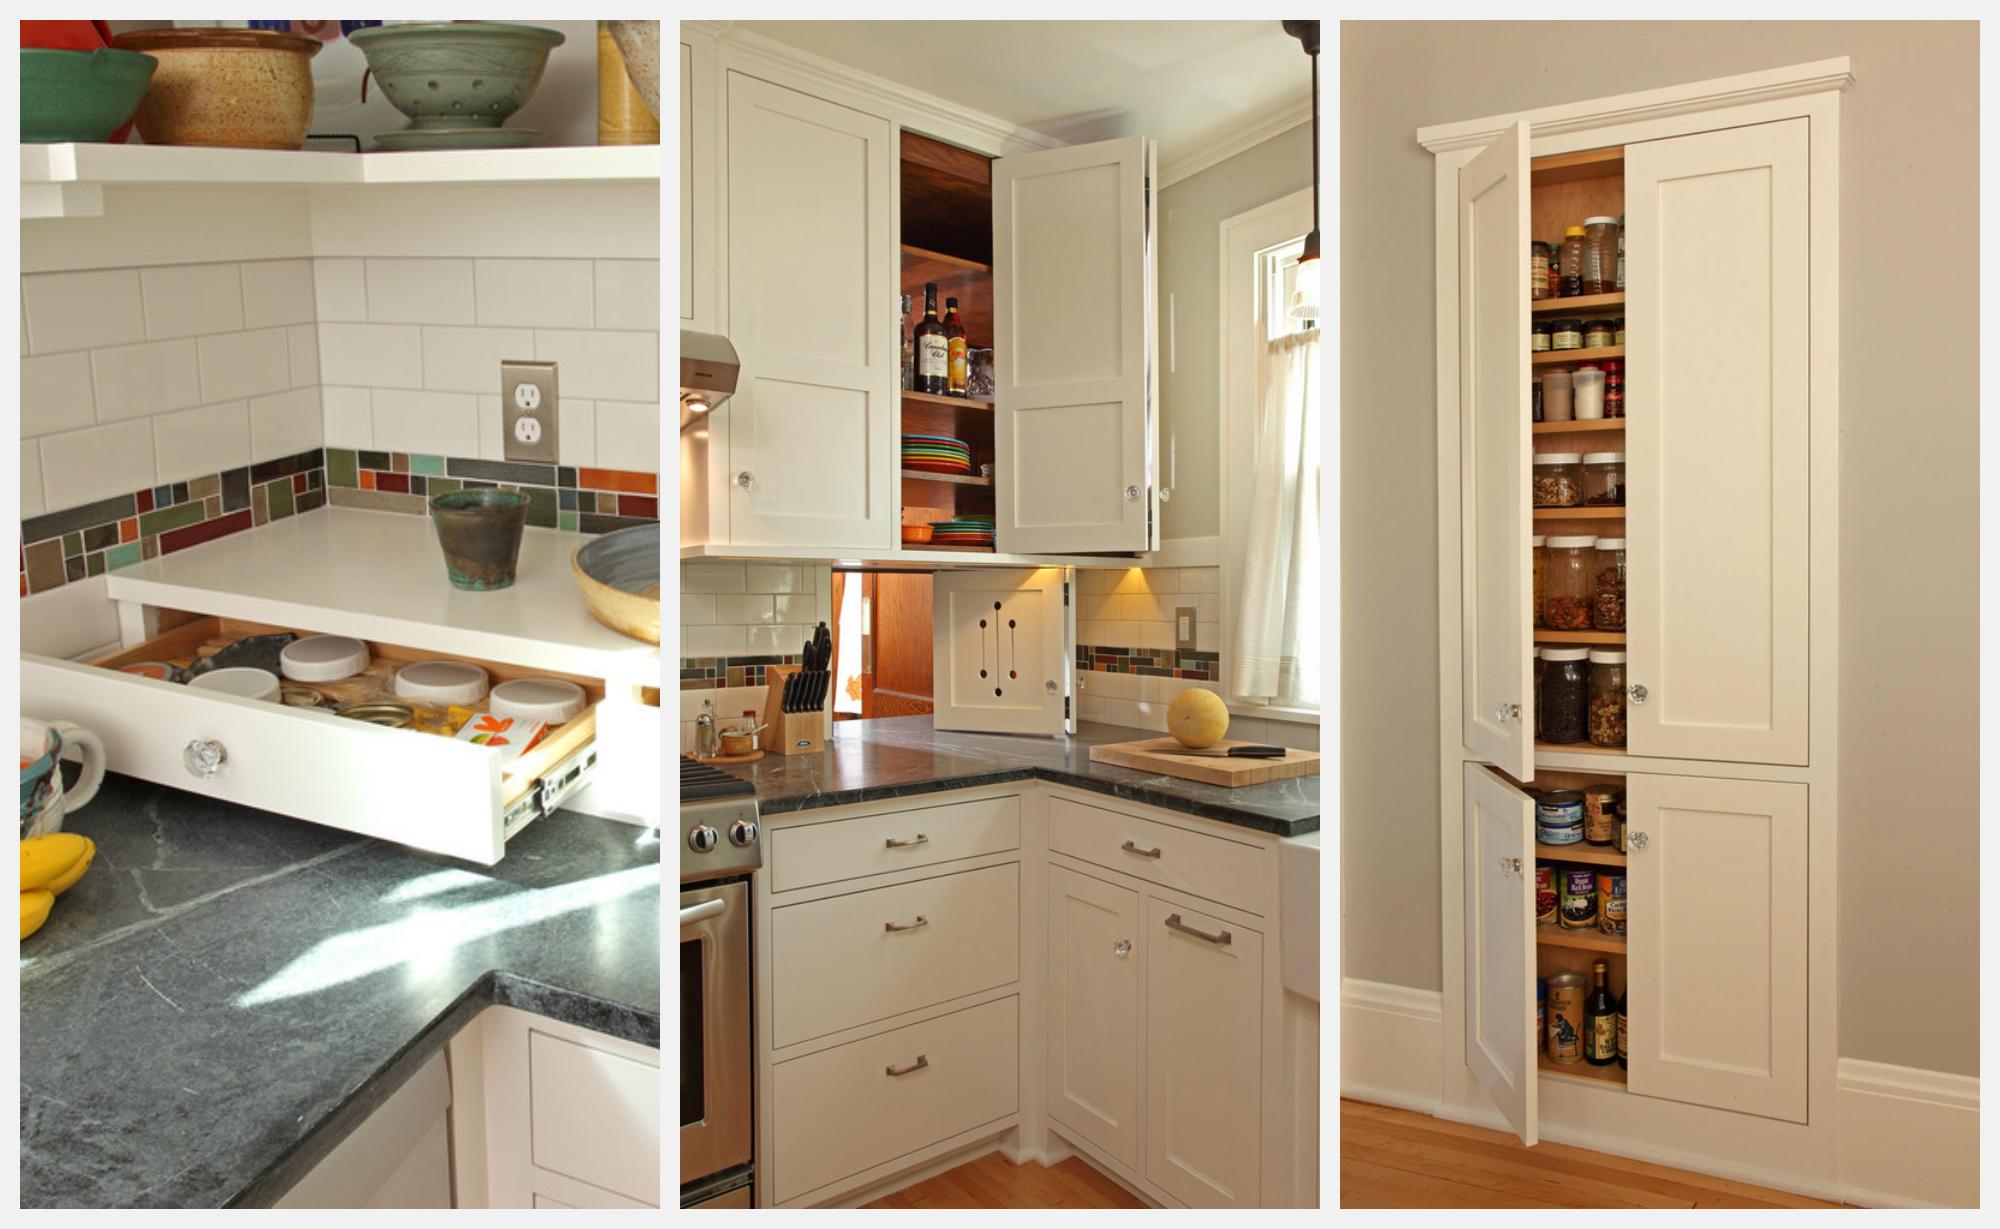 Функциональный интерьер кухни 10 м2